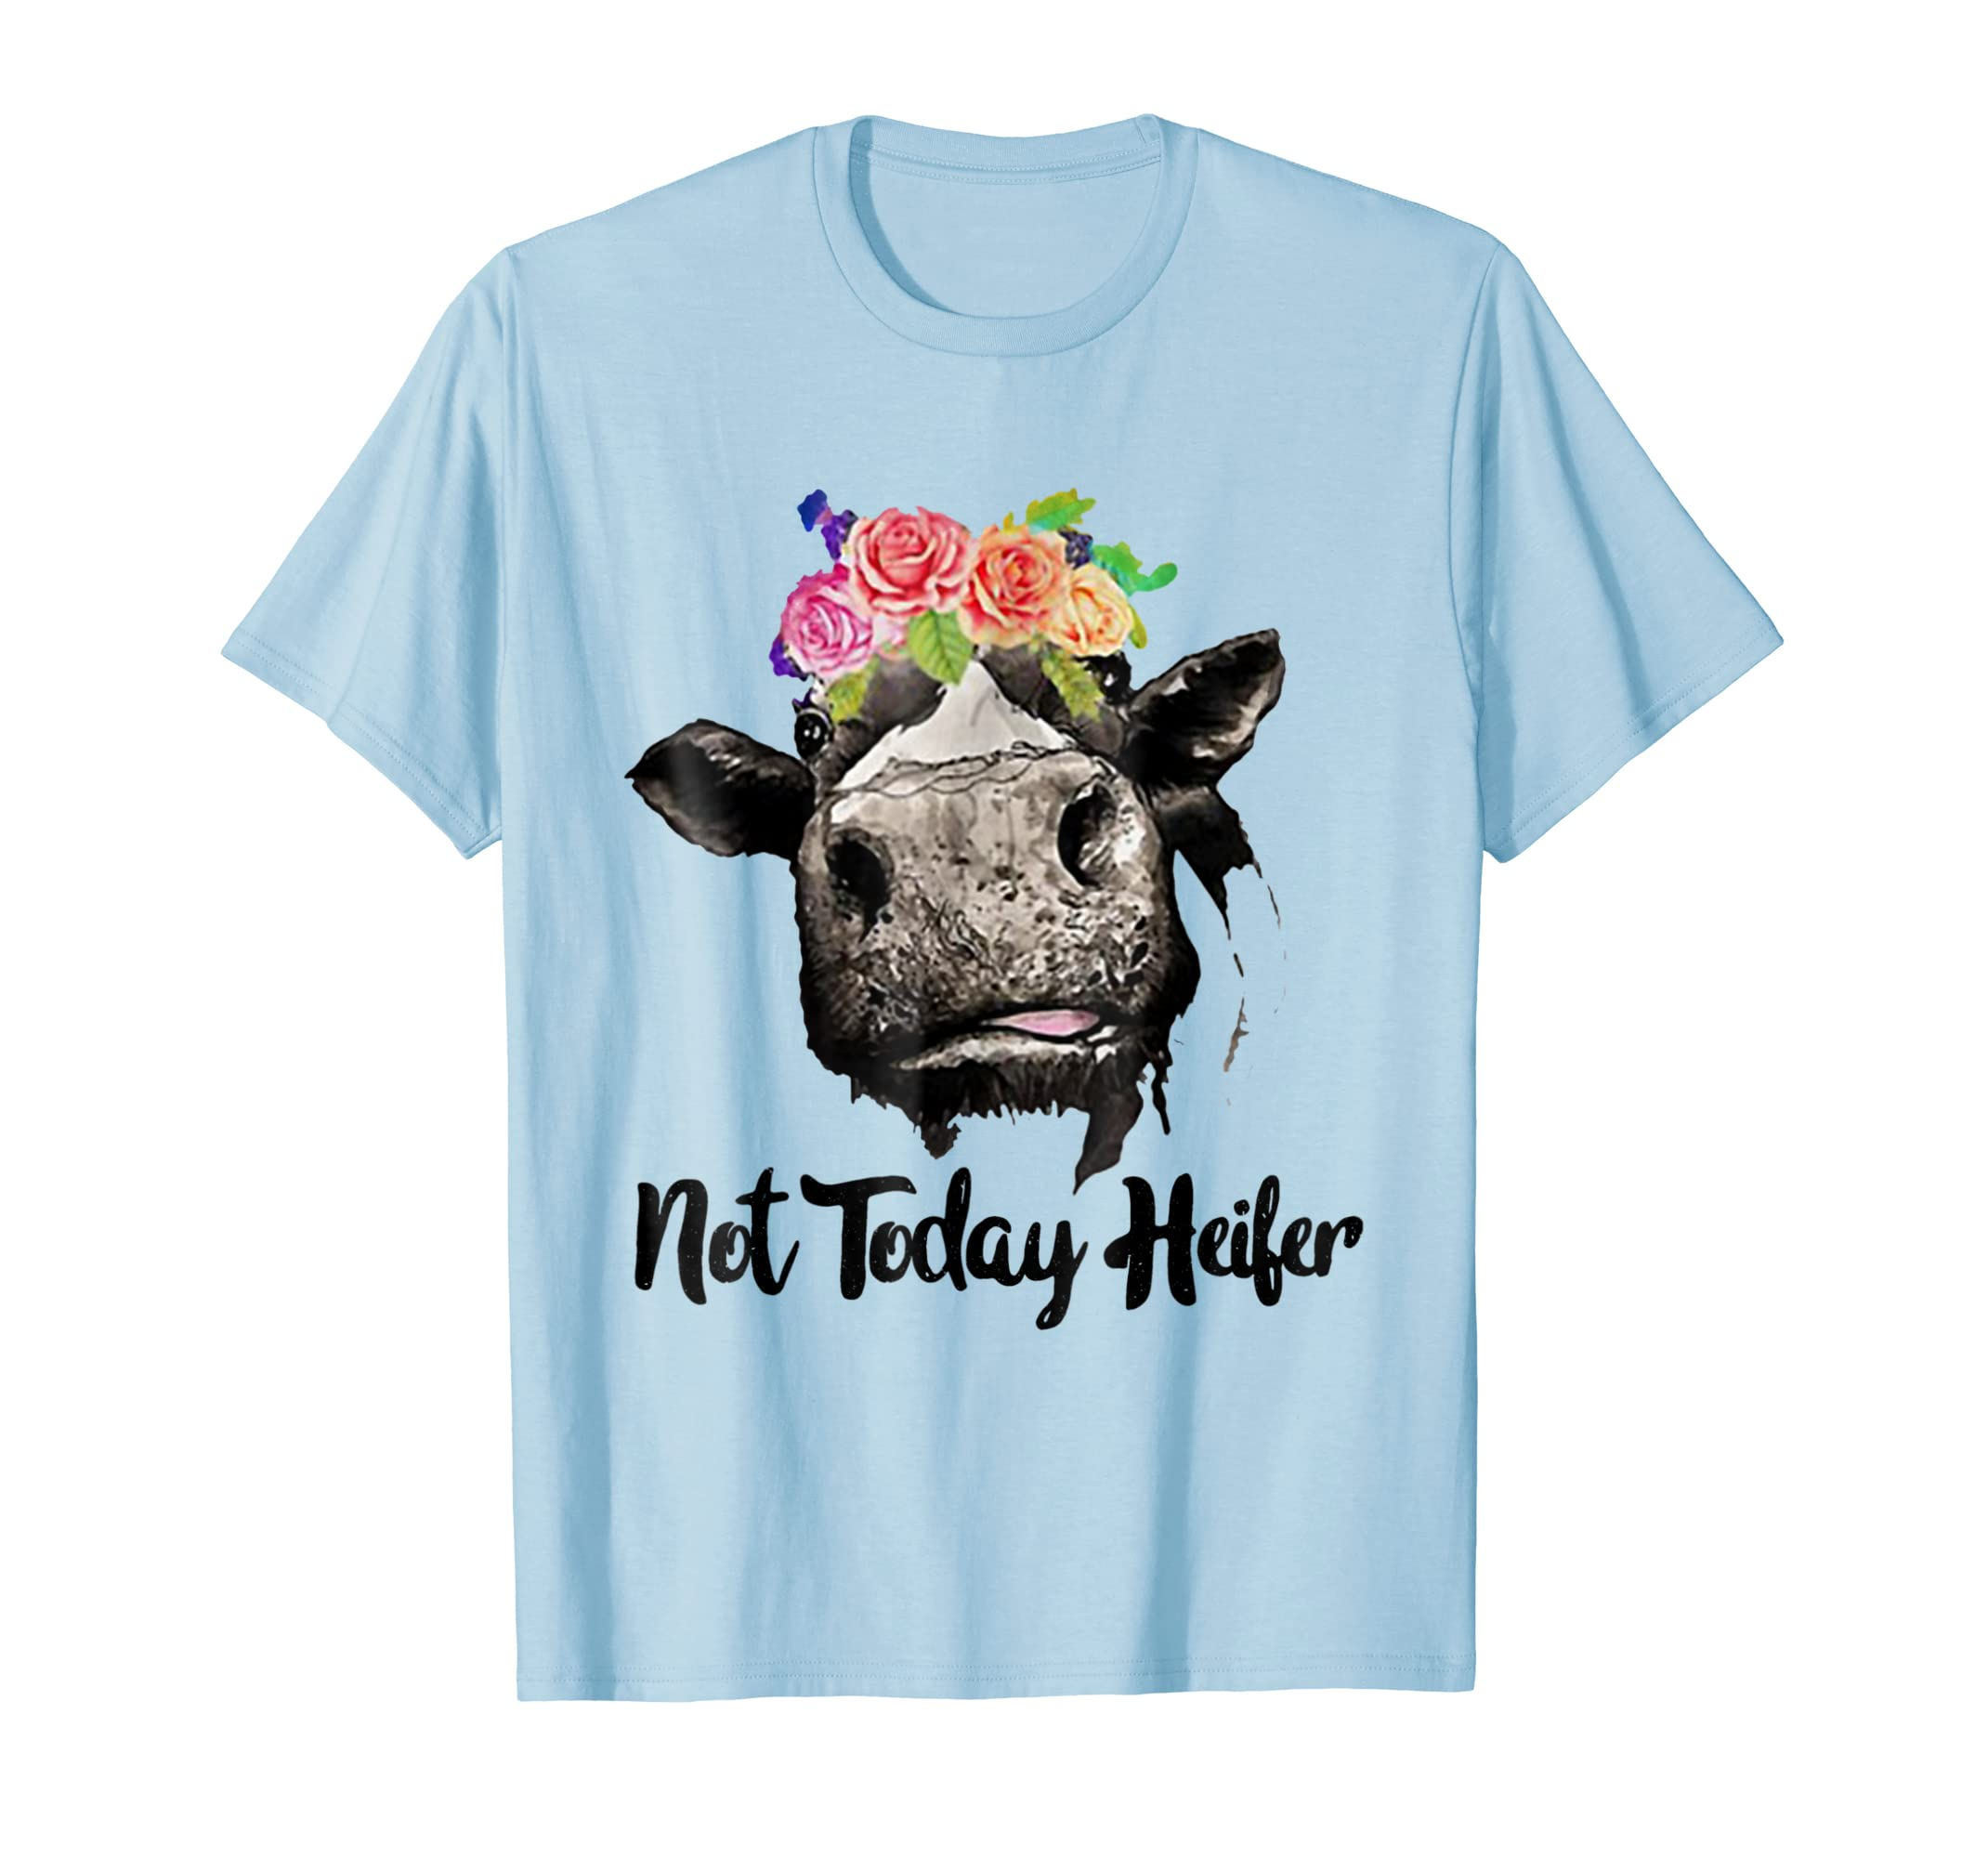 Not today heifer shirt-mt